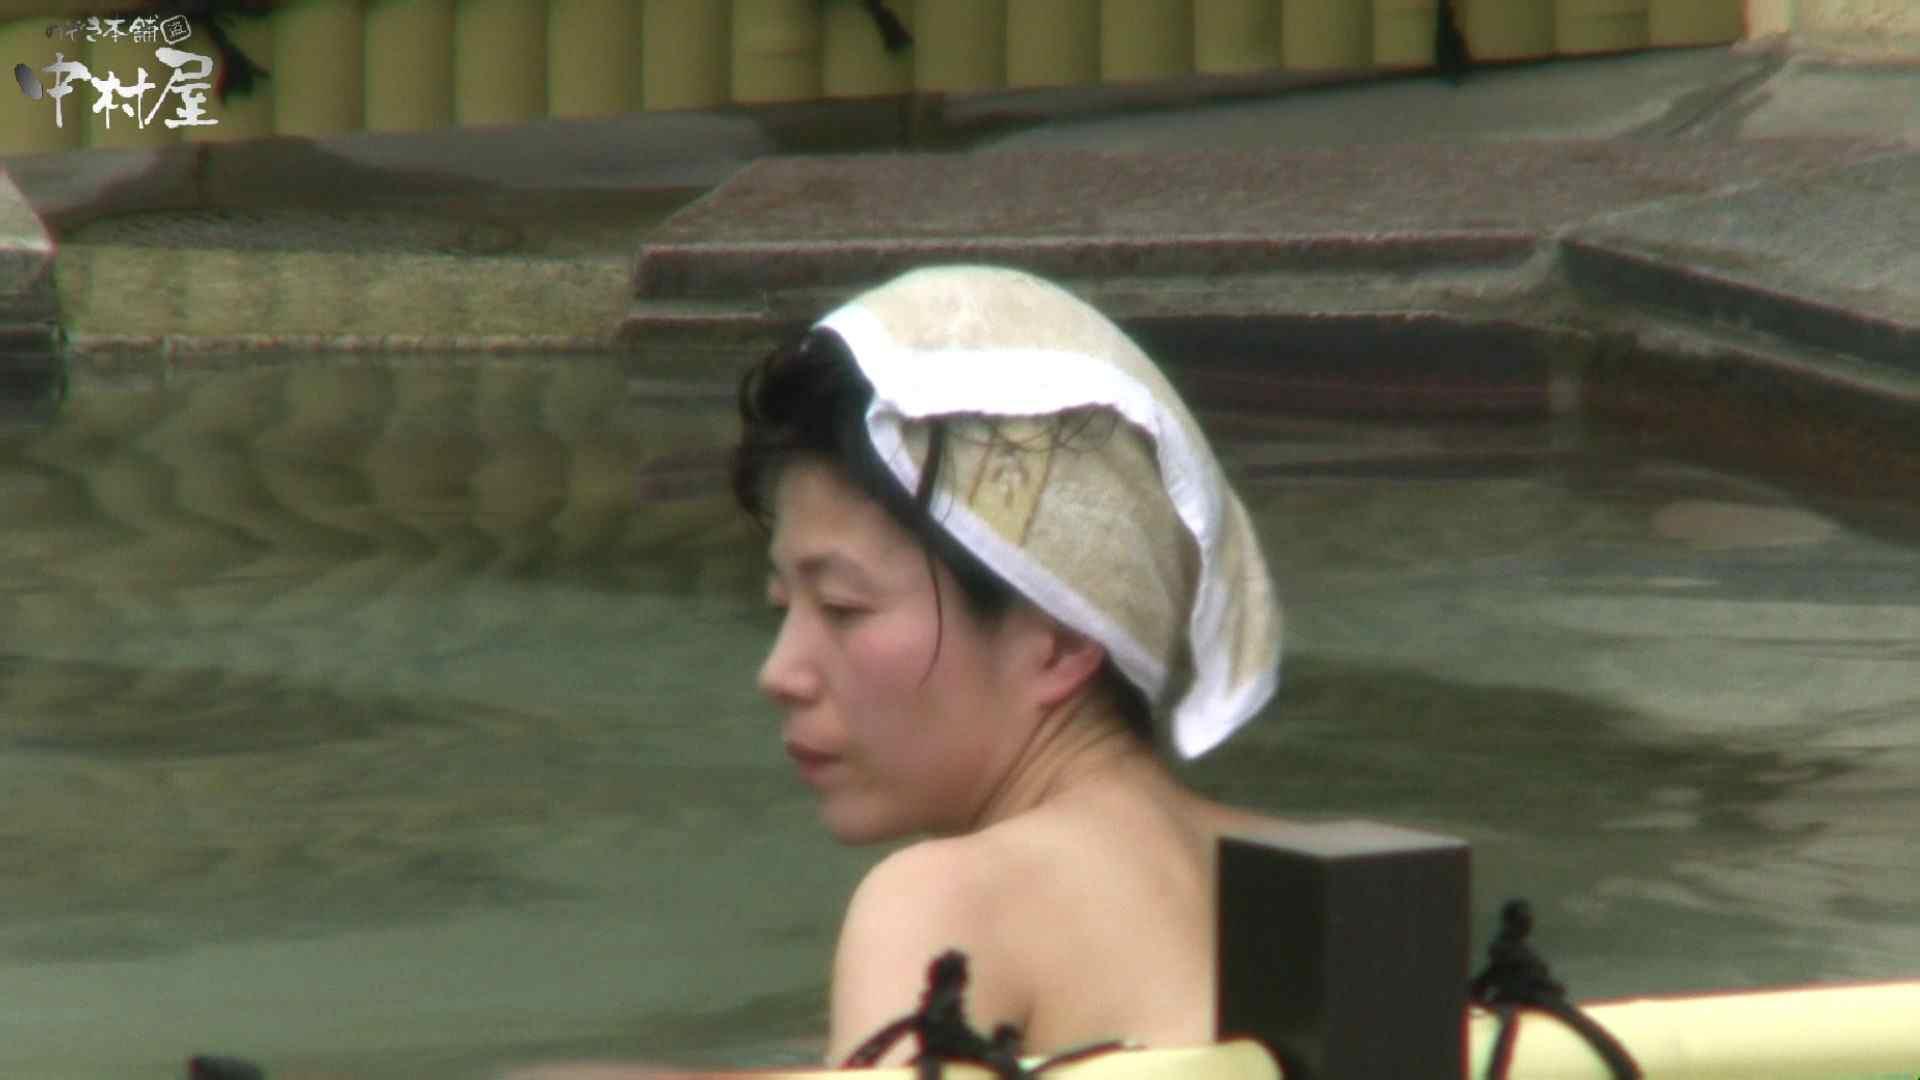 Aquaな露天風呂Vol.950 OLのエロ生活 覗きおまんこ画像 107連発 98